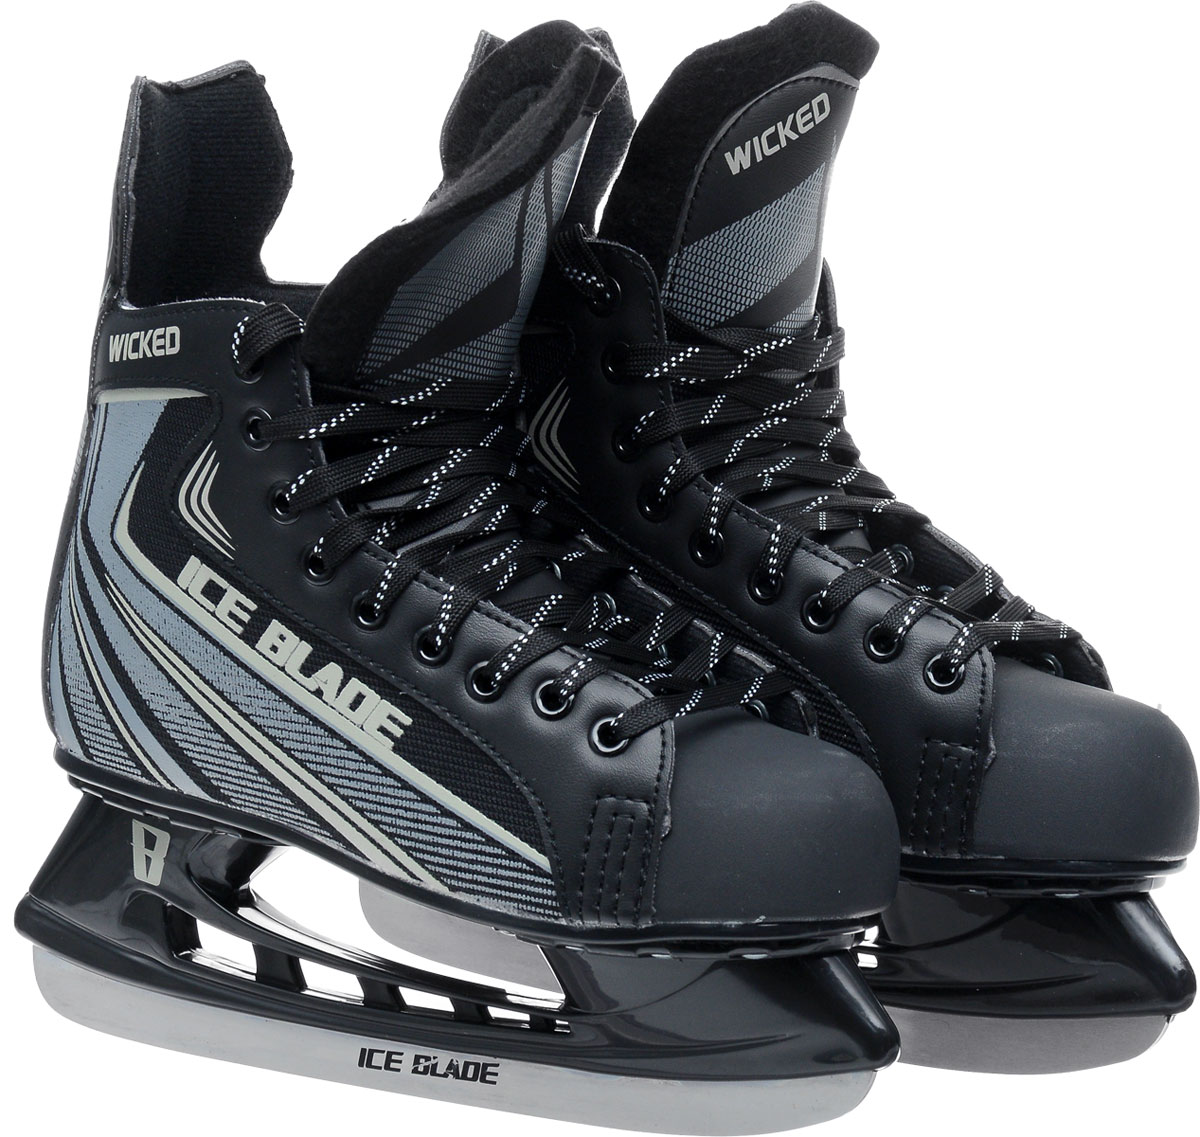 """Коньки хоккейные мужские Ice Blade """"Wicked"""", цвет: серый, черный. Размер 41"""